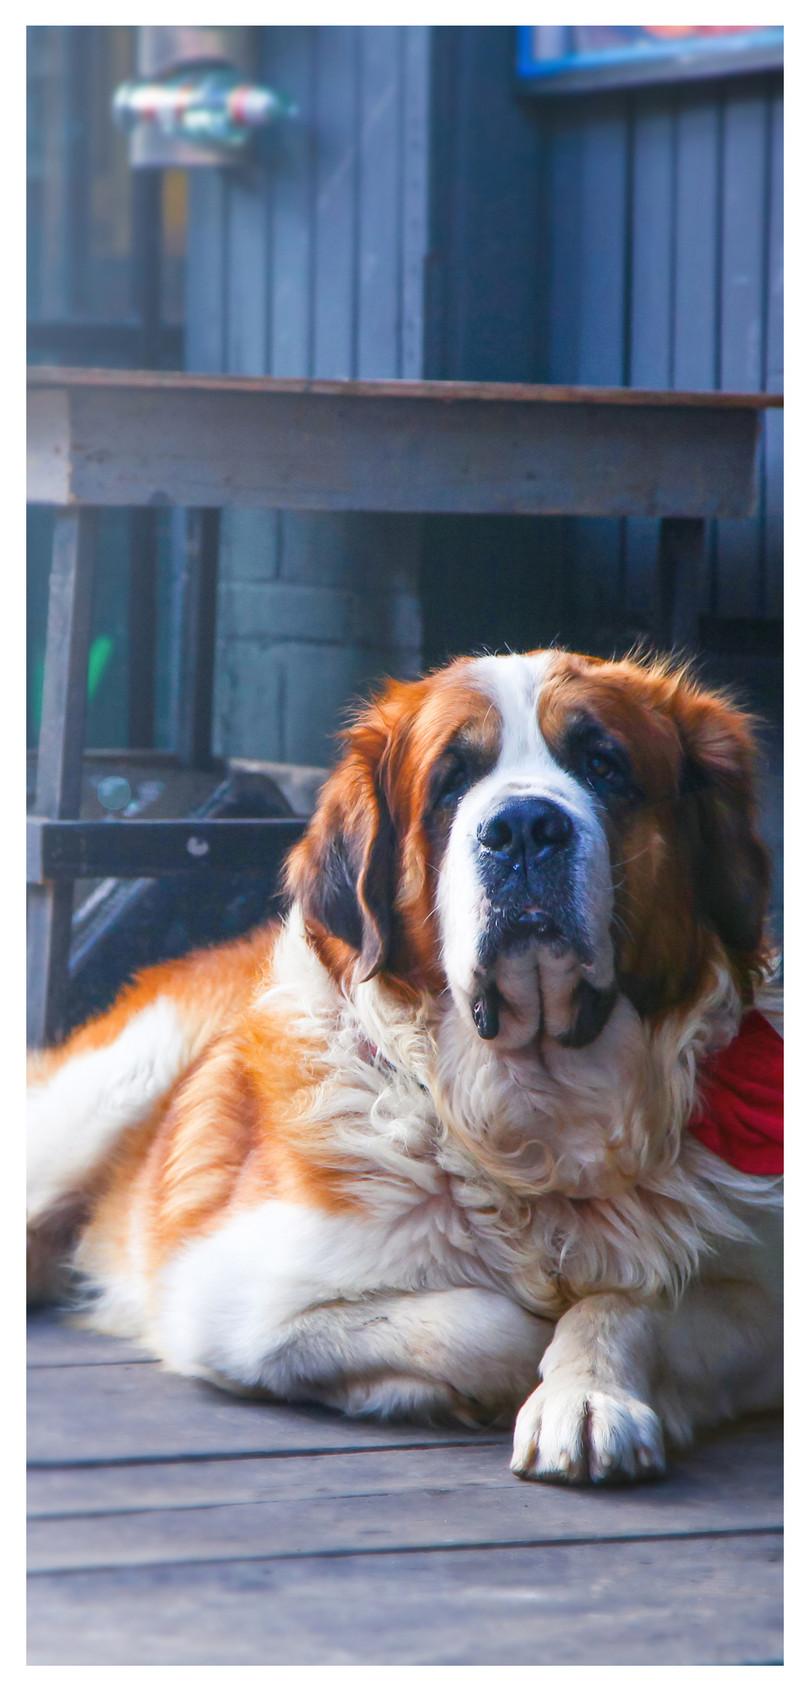 犬の携帯壁紙イメージ 背景 Id 400268364 Prf画像フォーマットjpg Jp